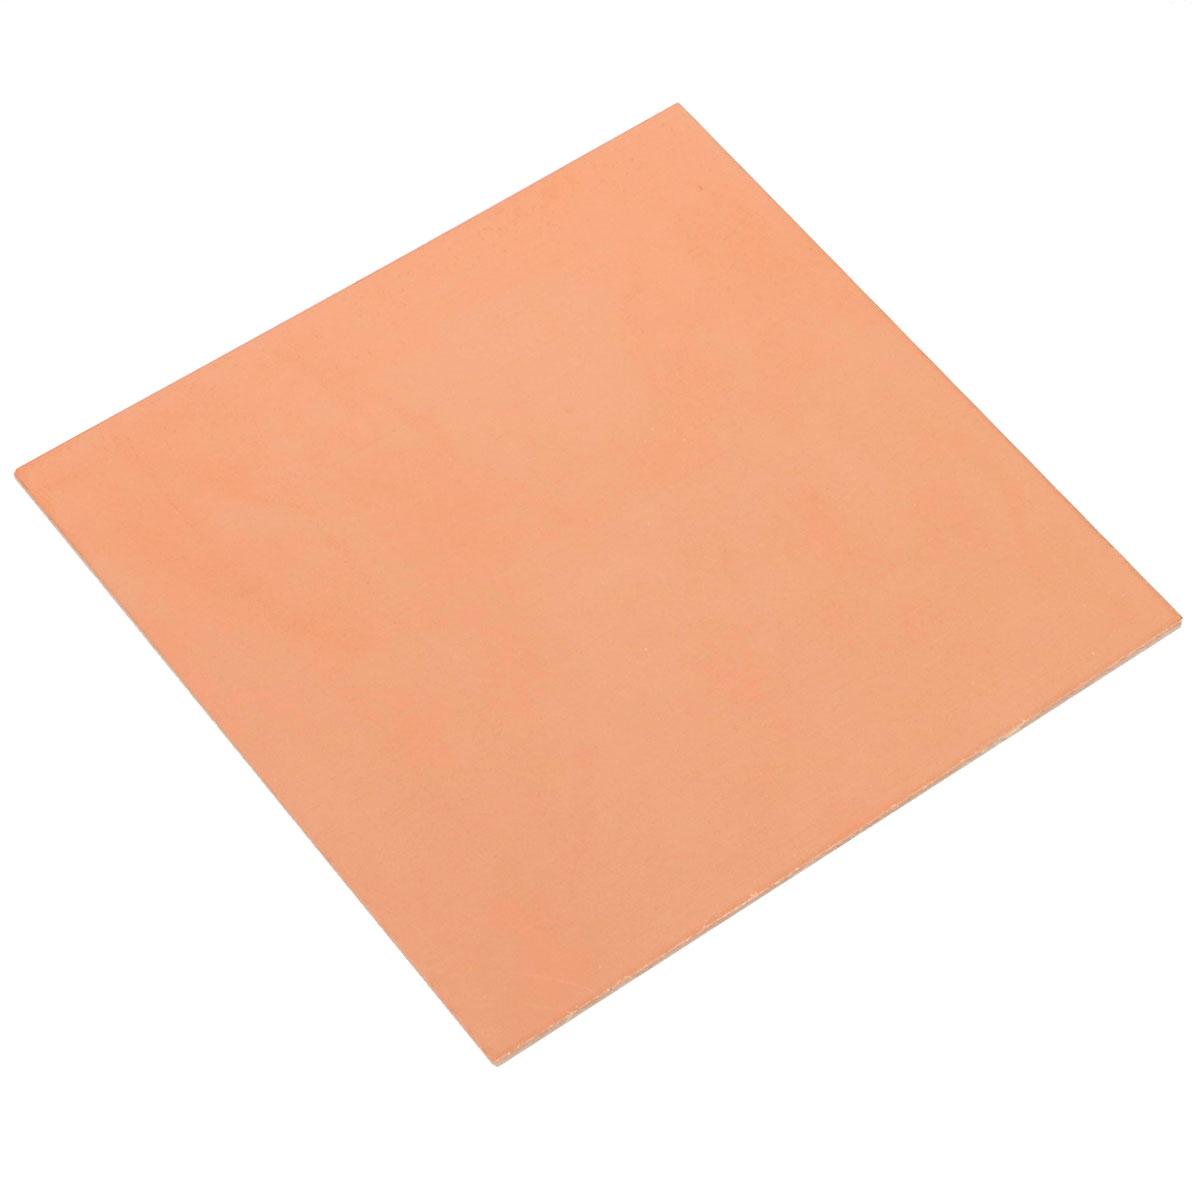 Placa de Fenolite Cobreada Simples 5x5cm para Circuito Impresso - PCI